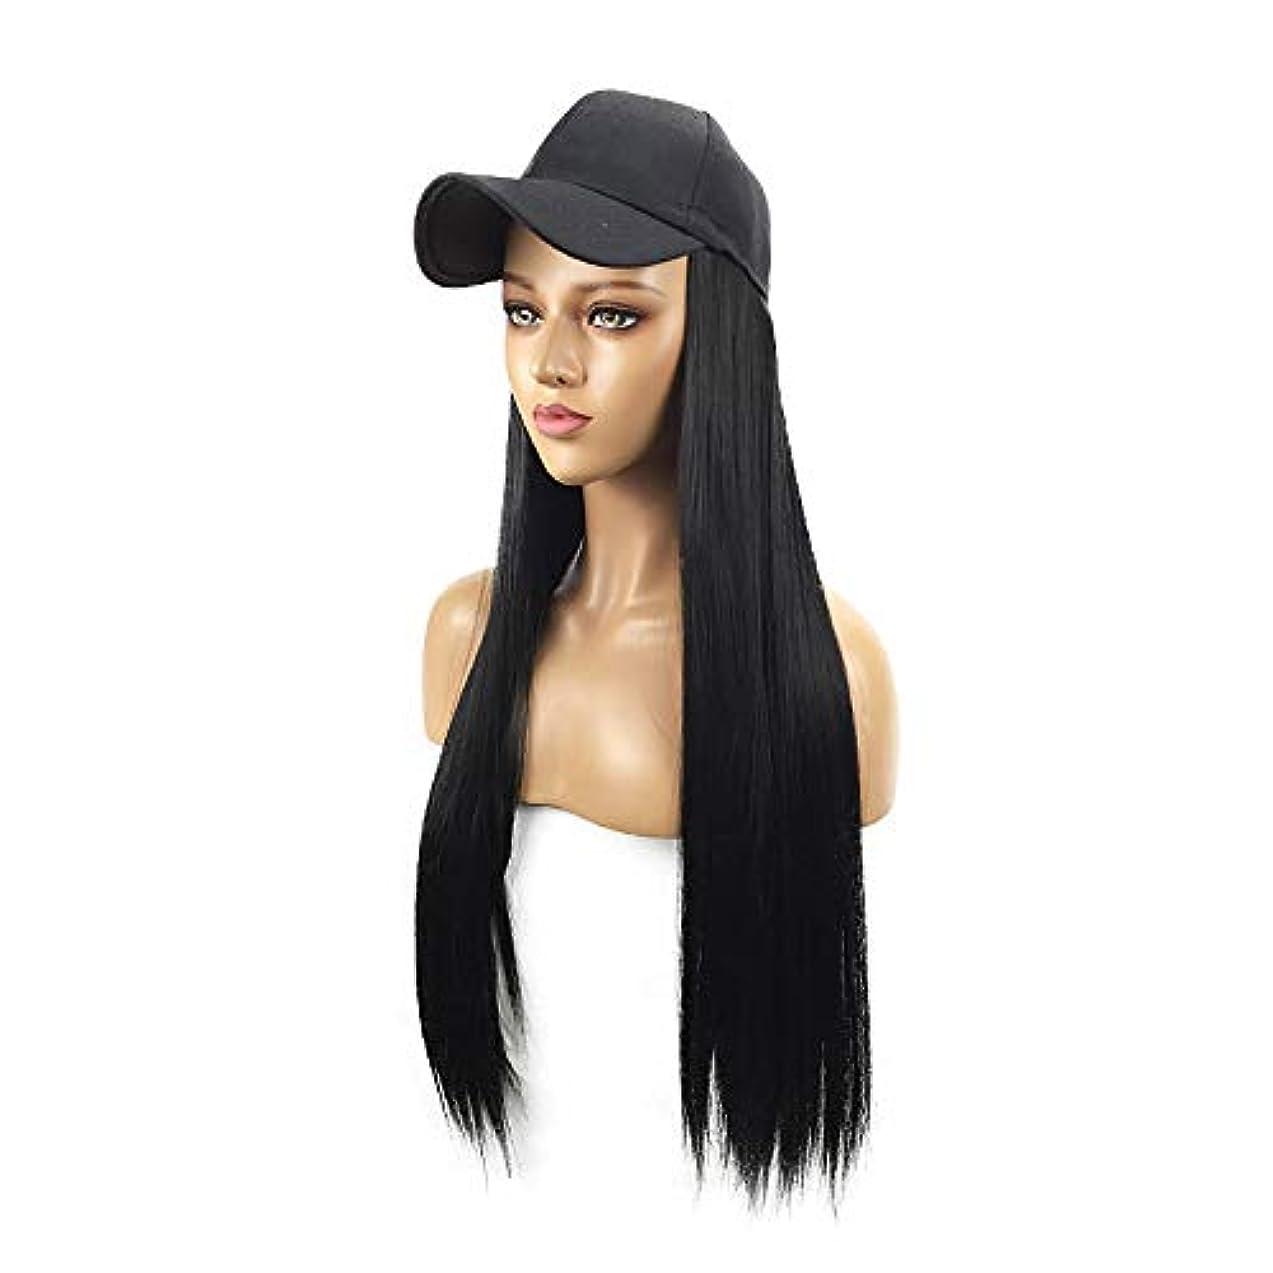 嵐が丘リーチ確認HAILAN HOME-かつら ストリートファッションの女性ウィッグハットワンピース帽子ウィッグ先見の明真の髪の帽子62センチメートルブラックワンピース取り外し可能